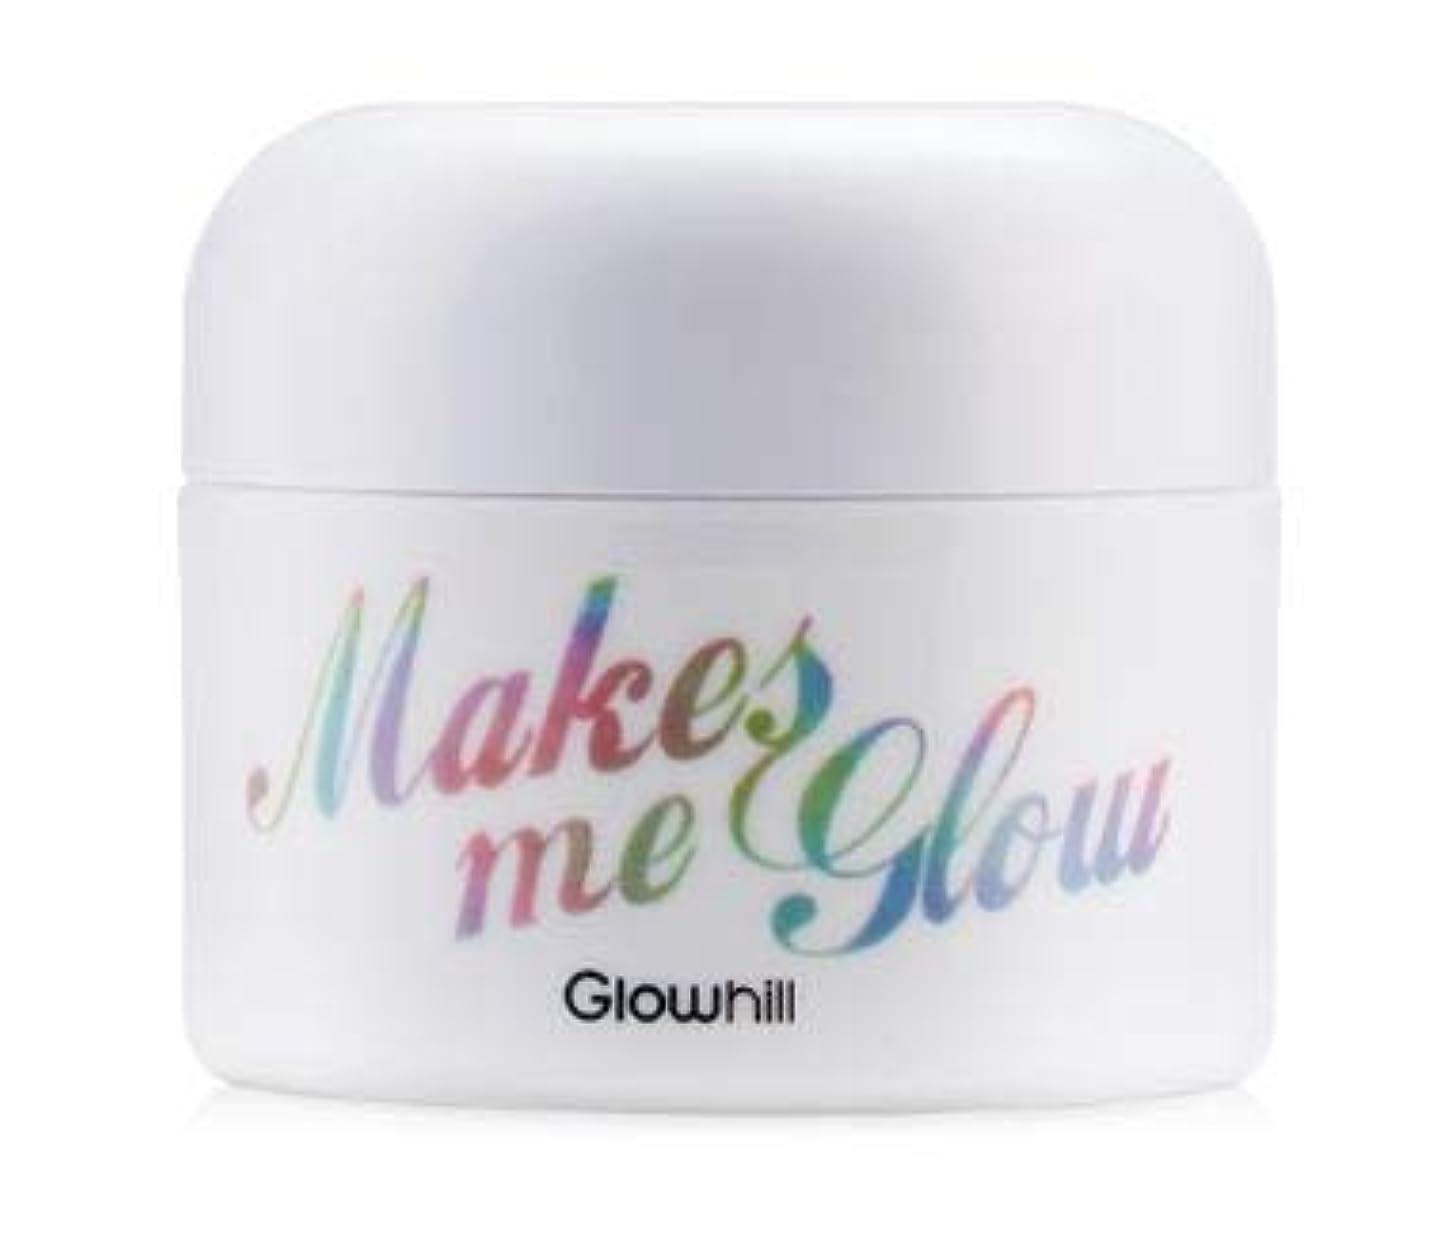 知らせるウェーハ動詞[Glowhill] Aurora Whitehole Glow Mask / [グローヒル] オーロラホワイトホールグローマスク [並行輸入品]